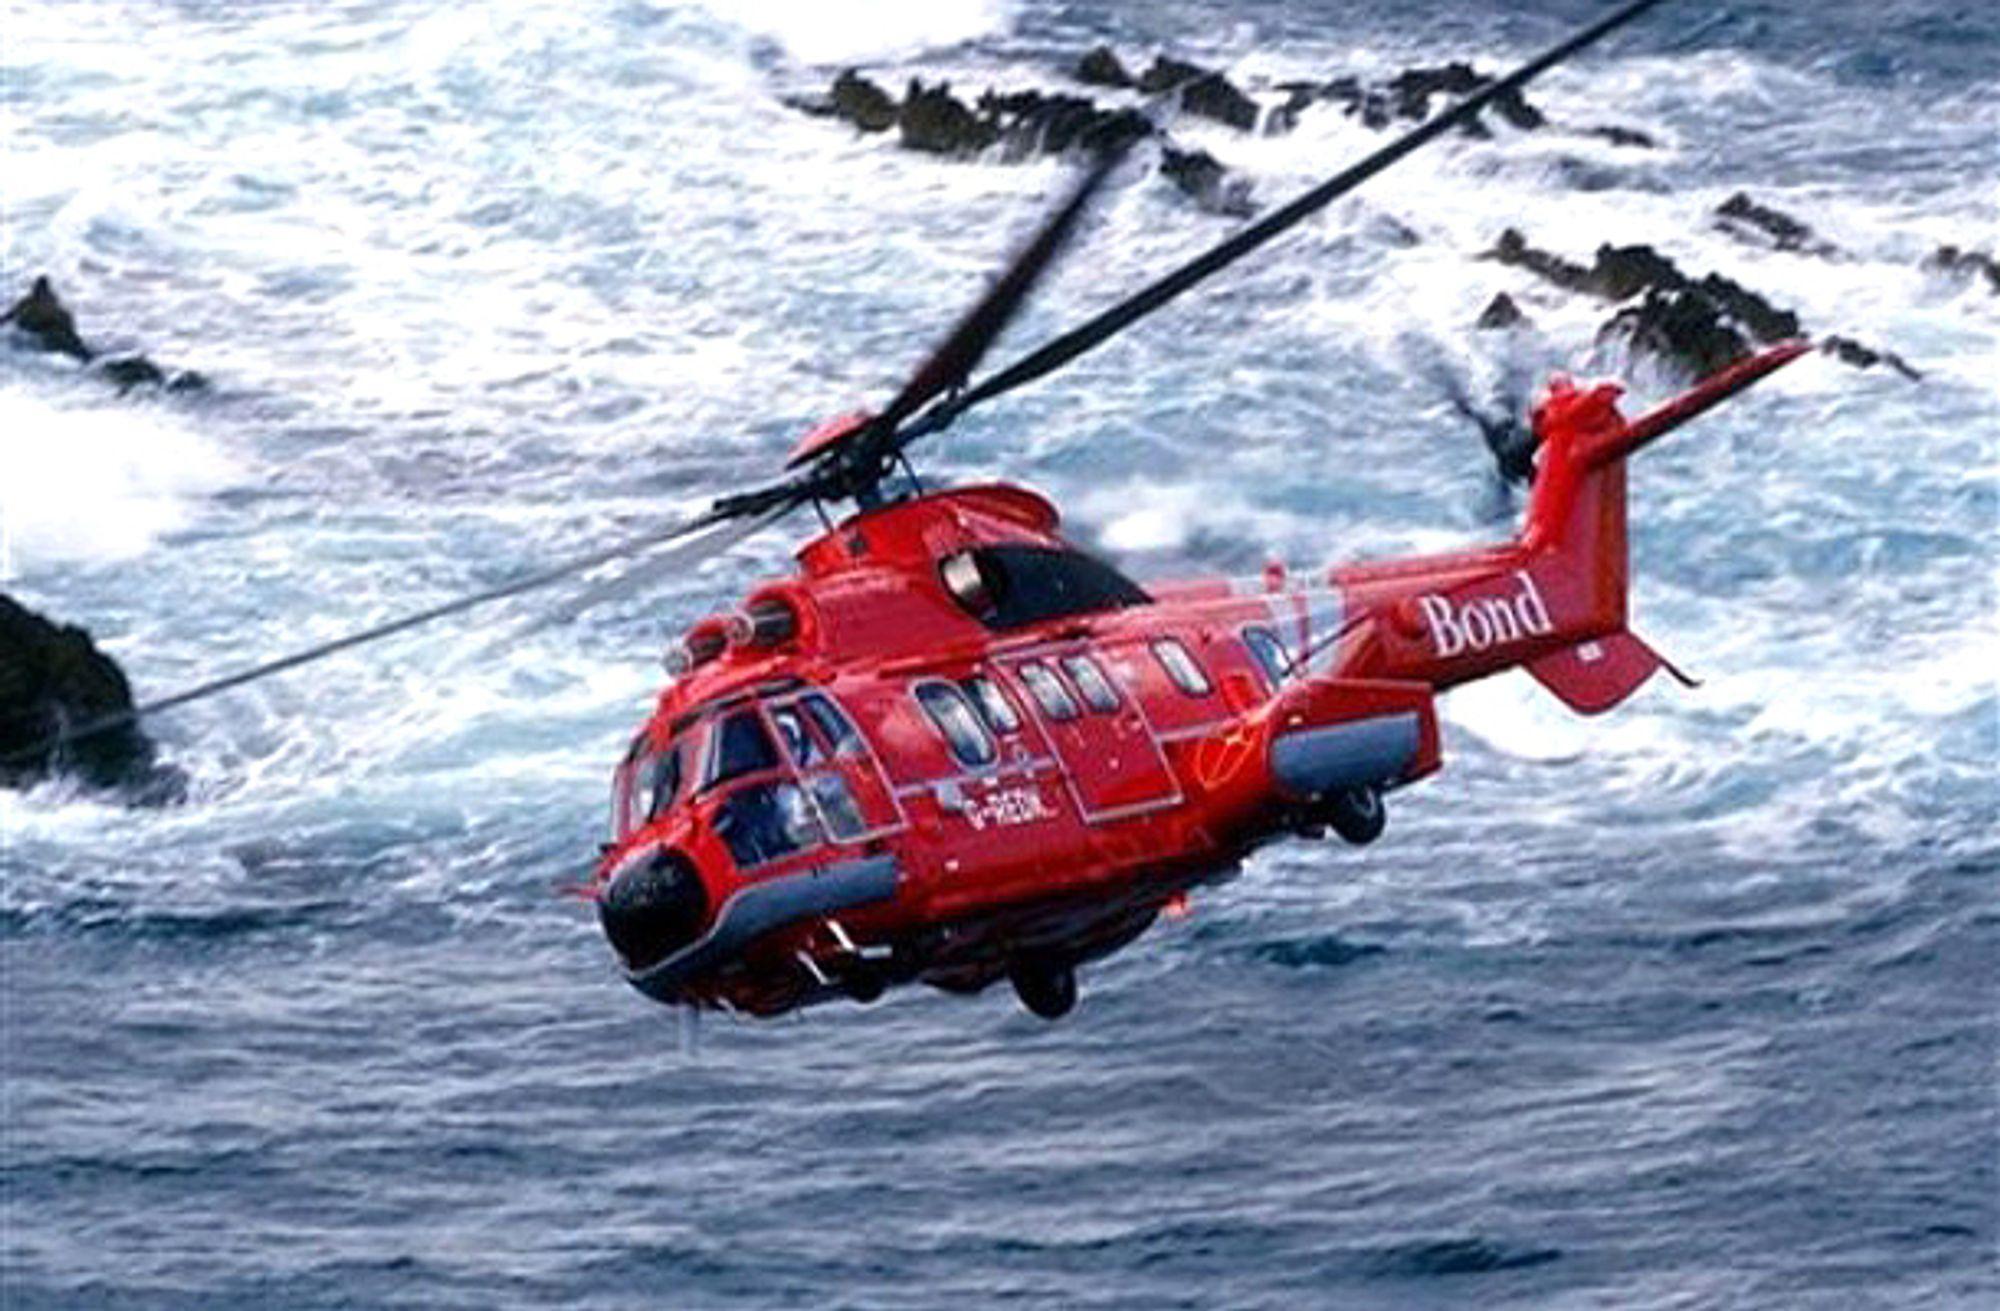 Et slikt helikopter, av typen AS332 L2 Super Puma fra Bond Offshore Helicopters, styrtet i Nordsjøen på vei til Aberdeen onsdag. Ulykken har trolig kostet 16 liv.